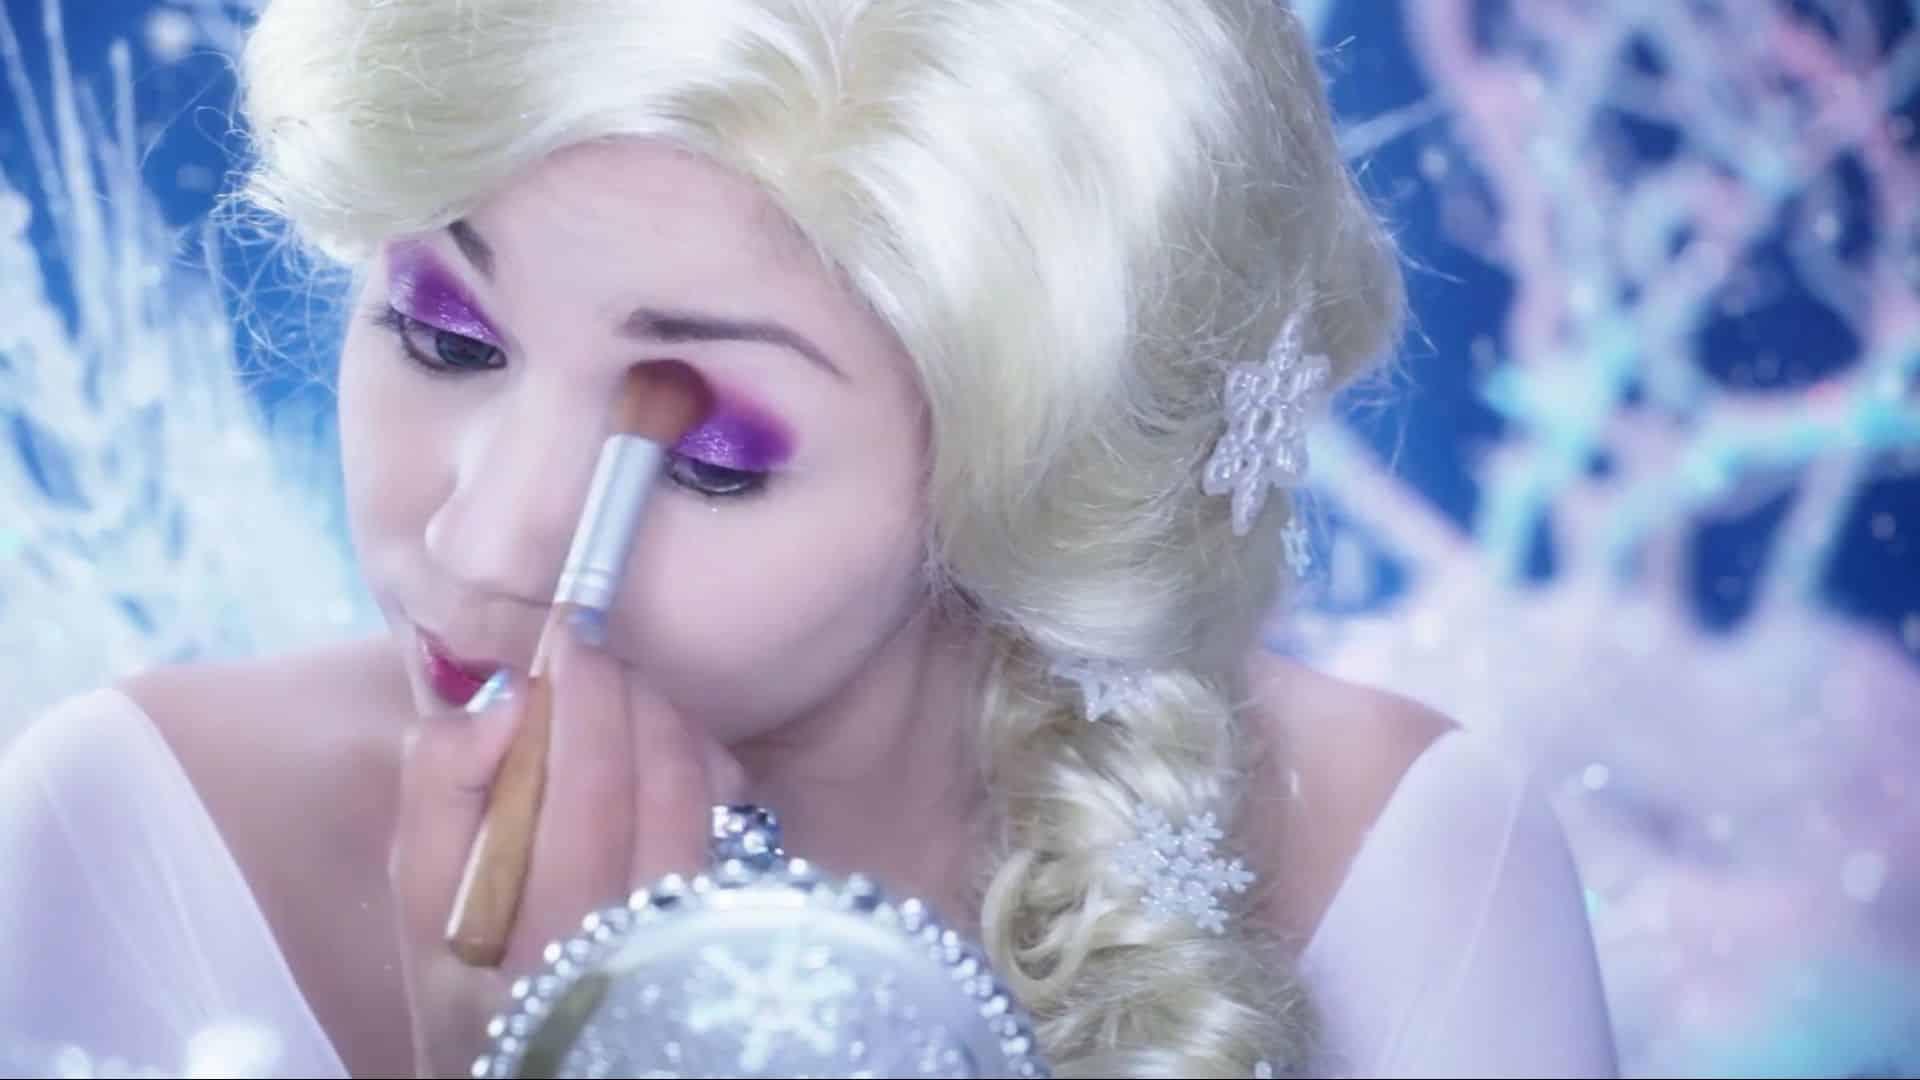 Maquíllate como la princesa Elsa Charisma Star 2020, difuminado de sombra.